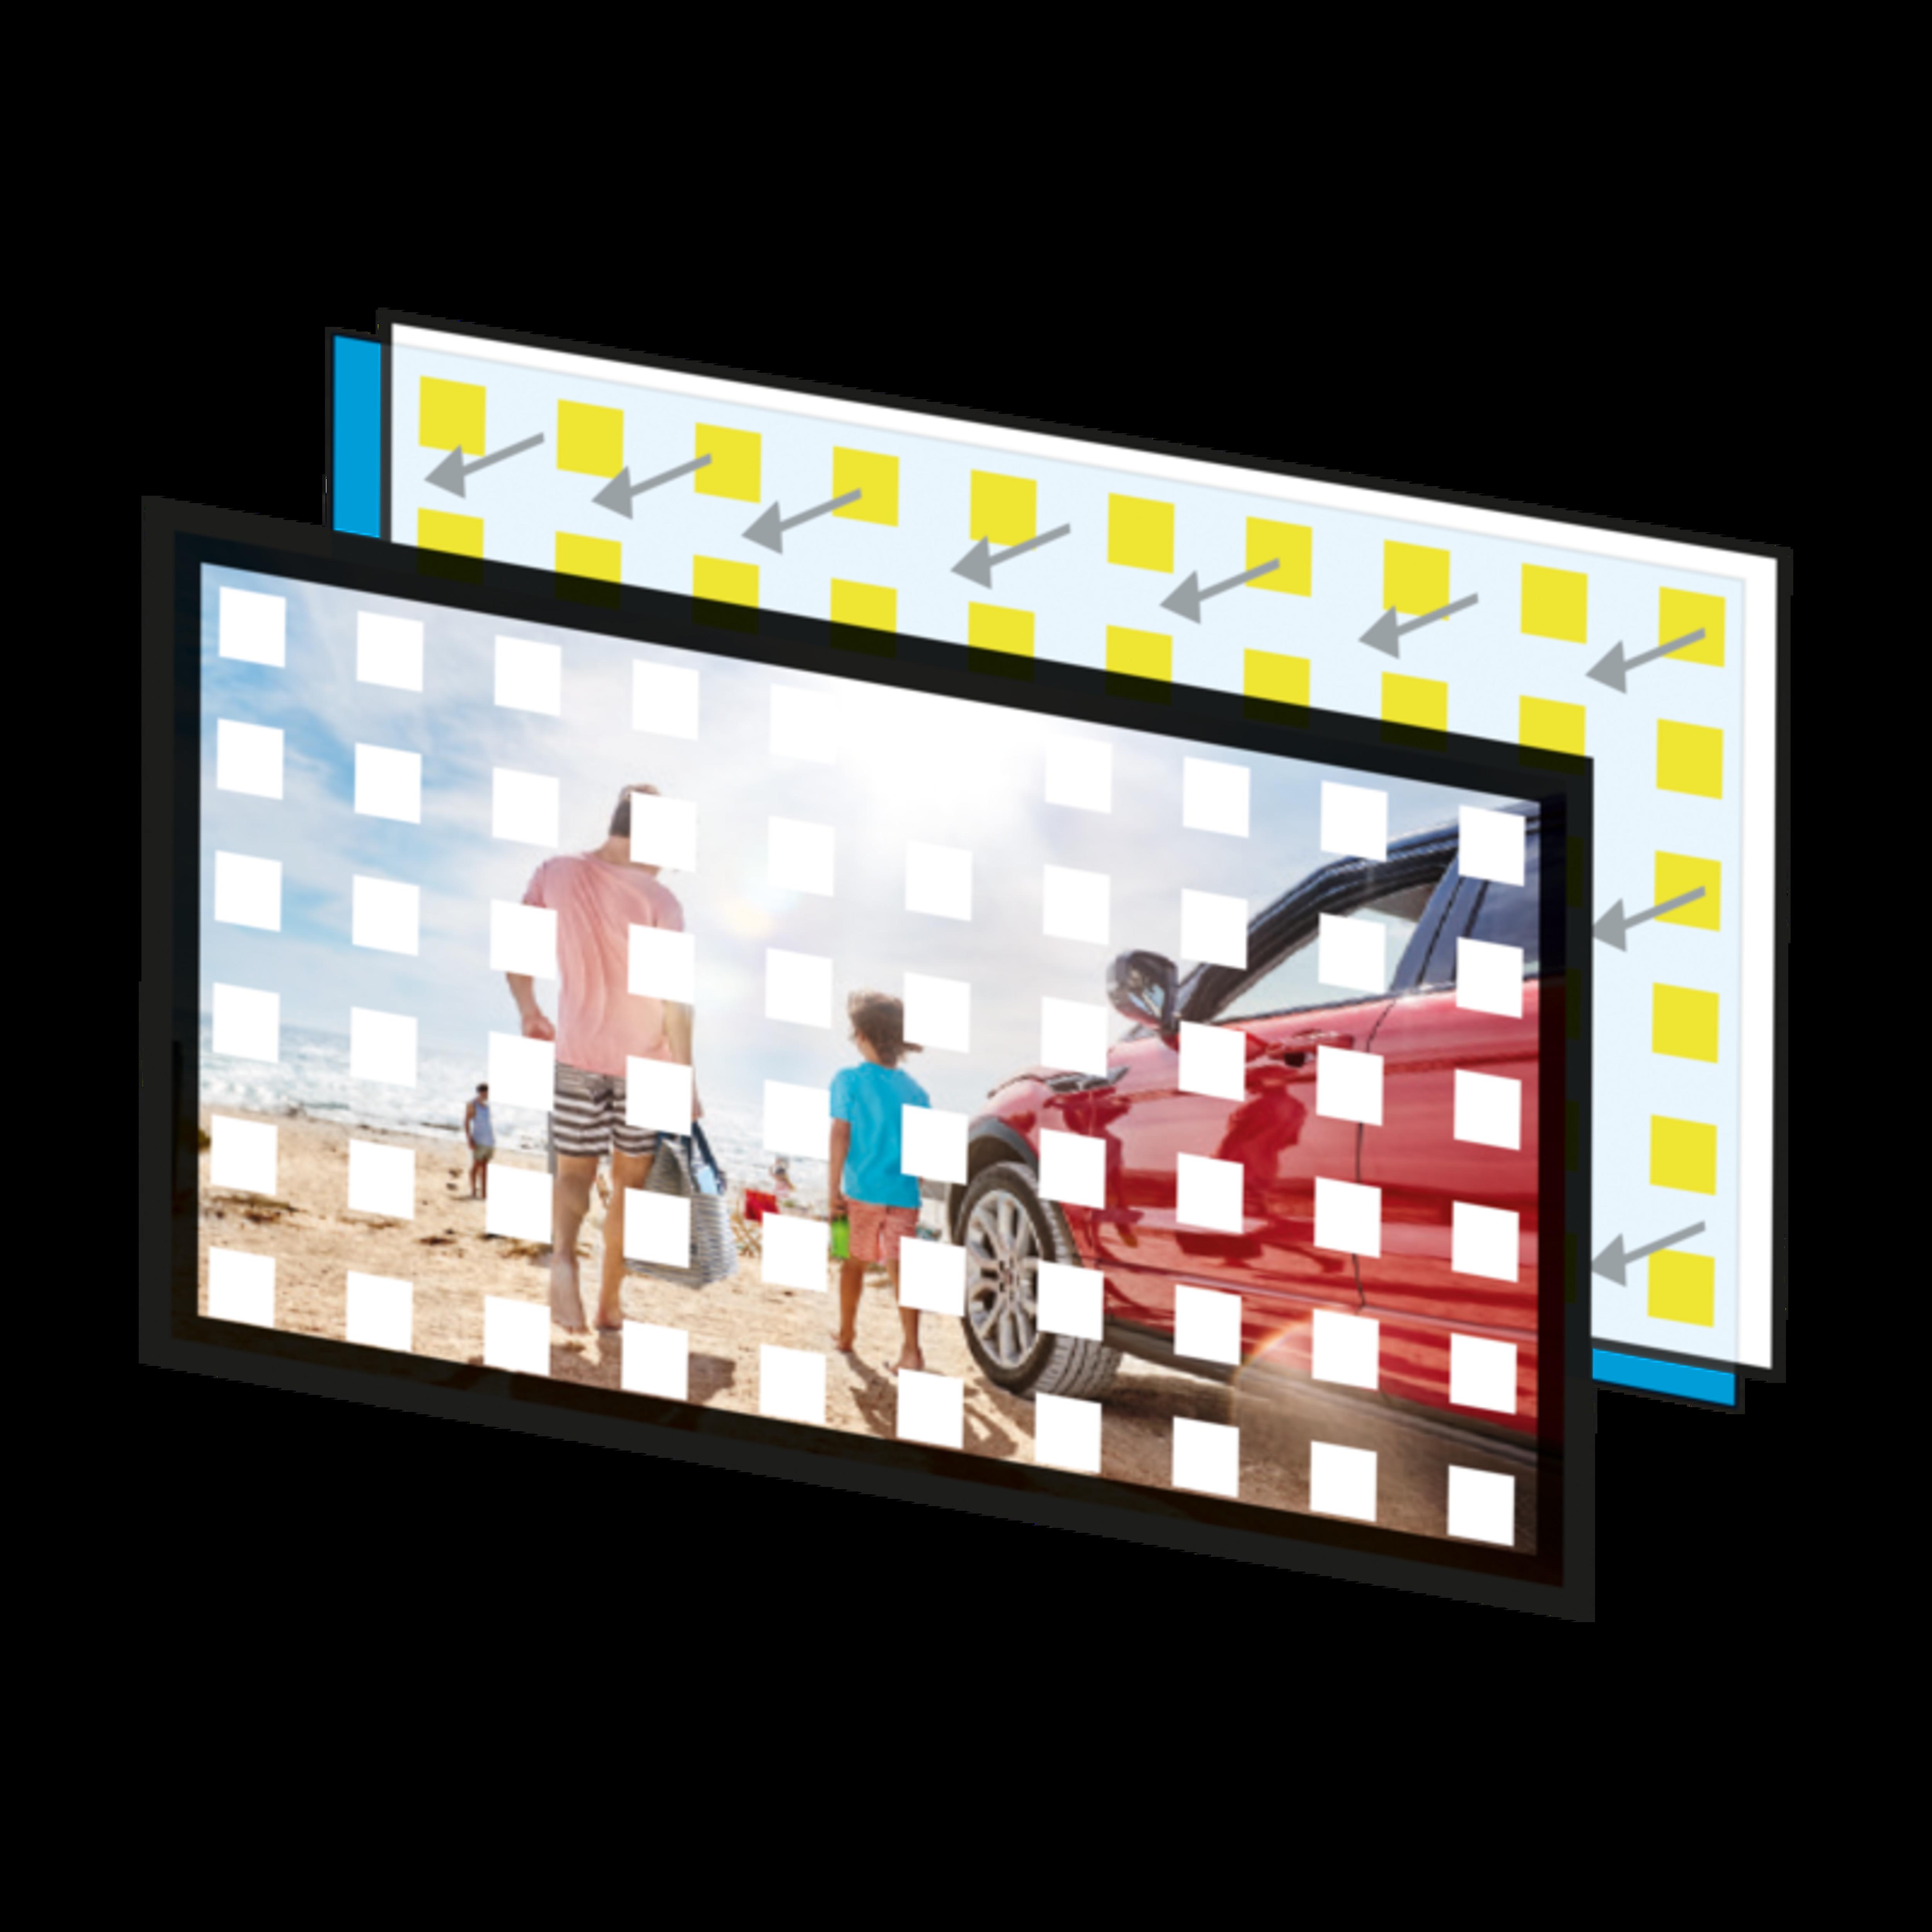 Anti-reflection technology